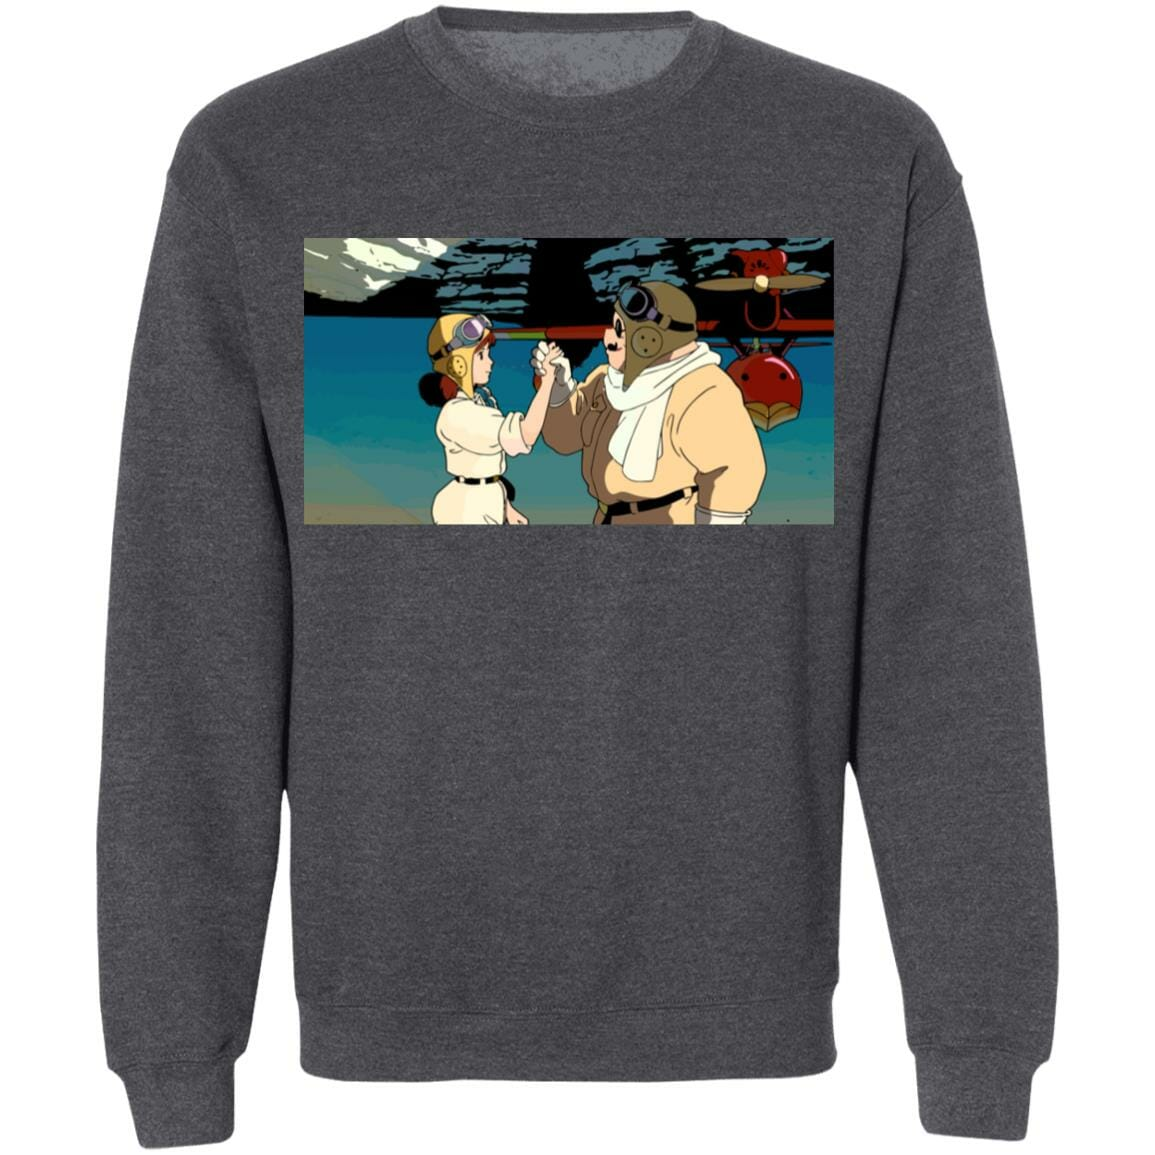 Porco Rosso Vintage Sweatshirt Unisex